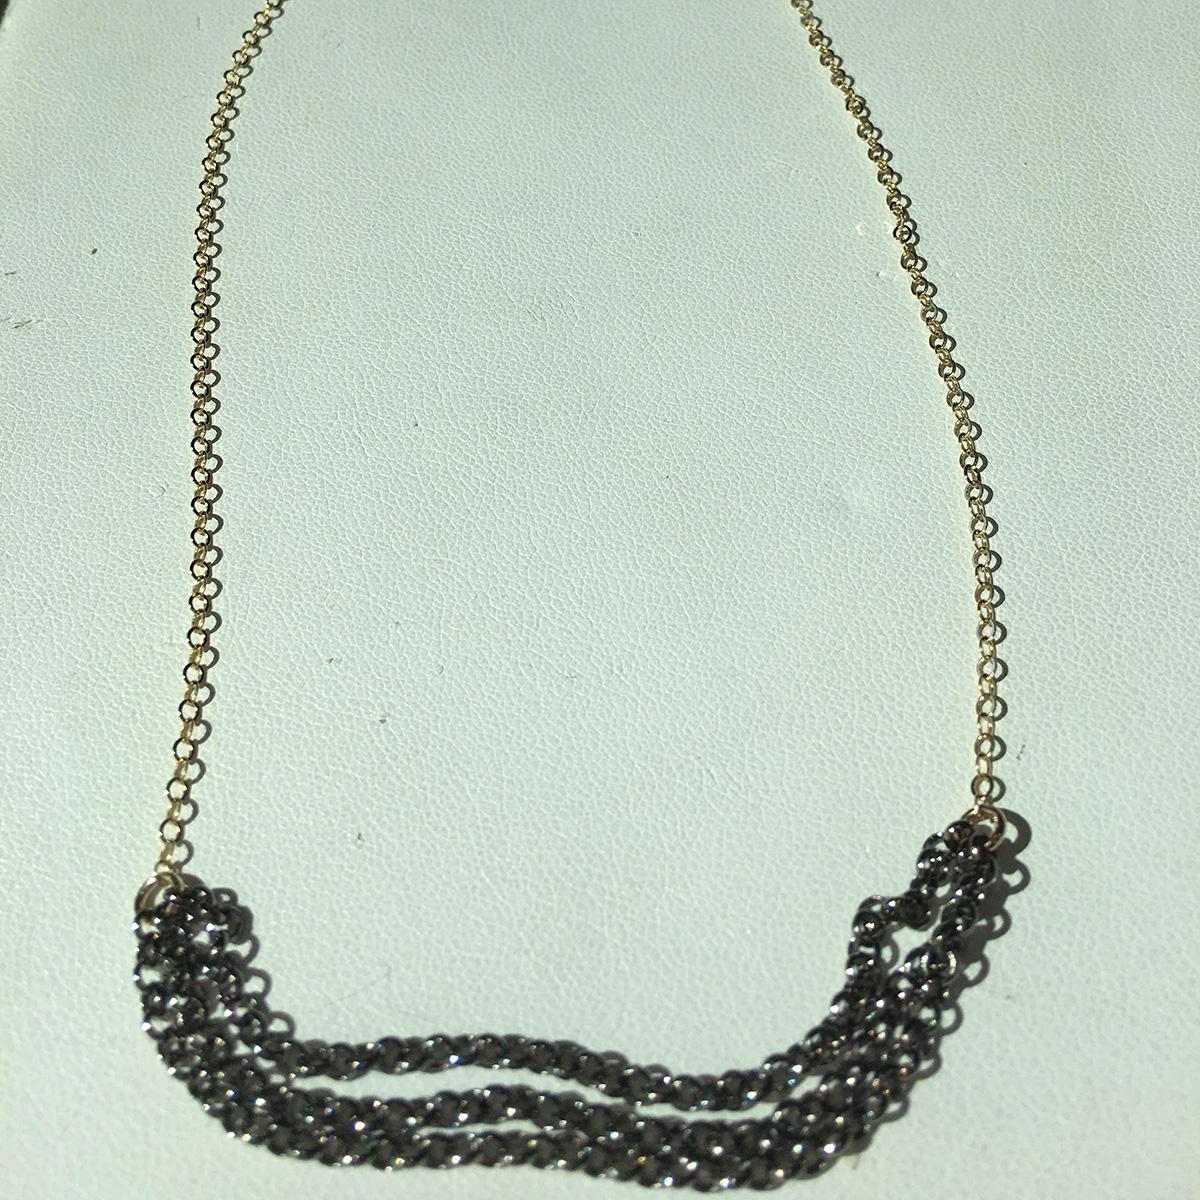 Ruby Lena Multi Chain Bib Necklace